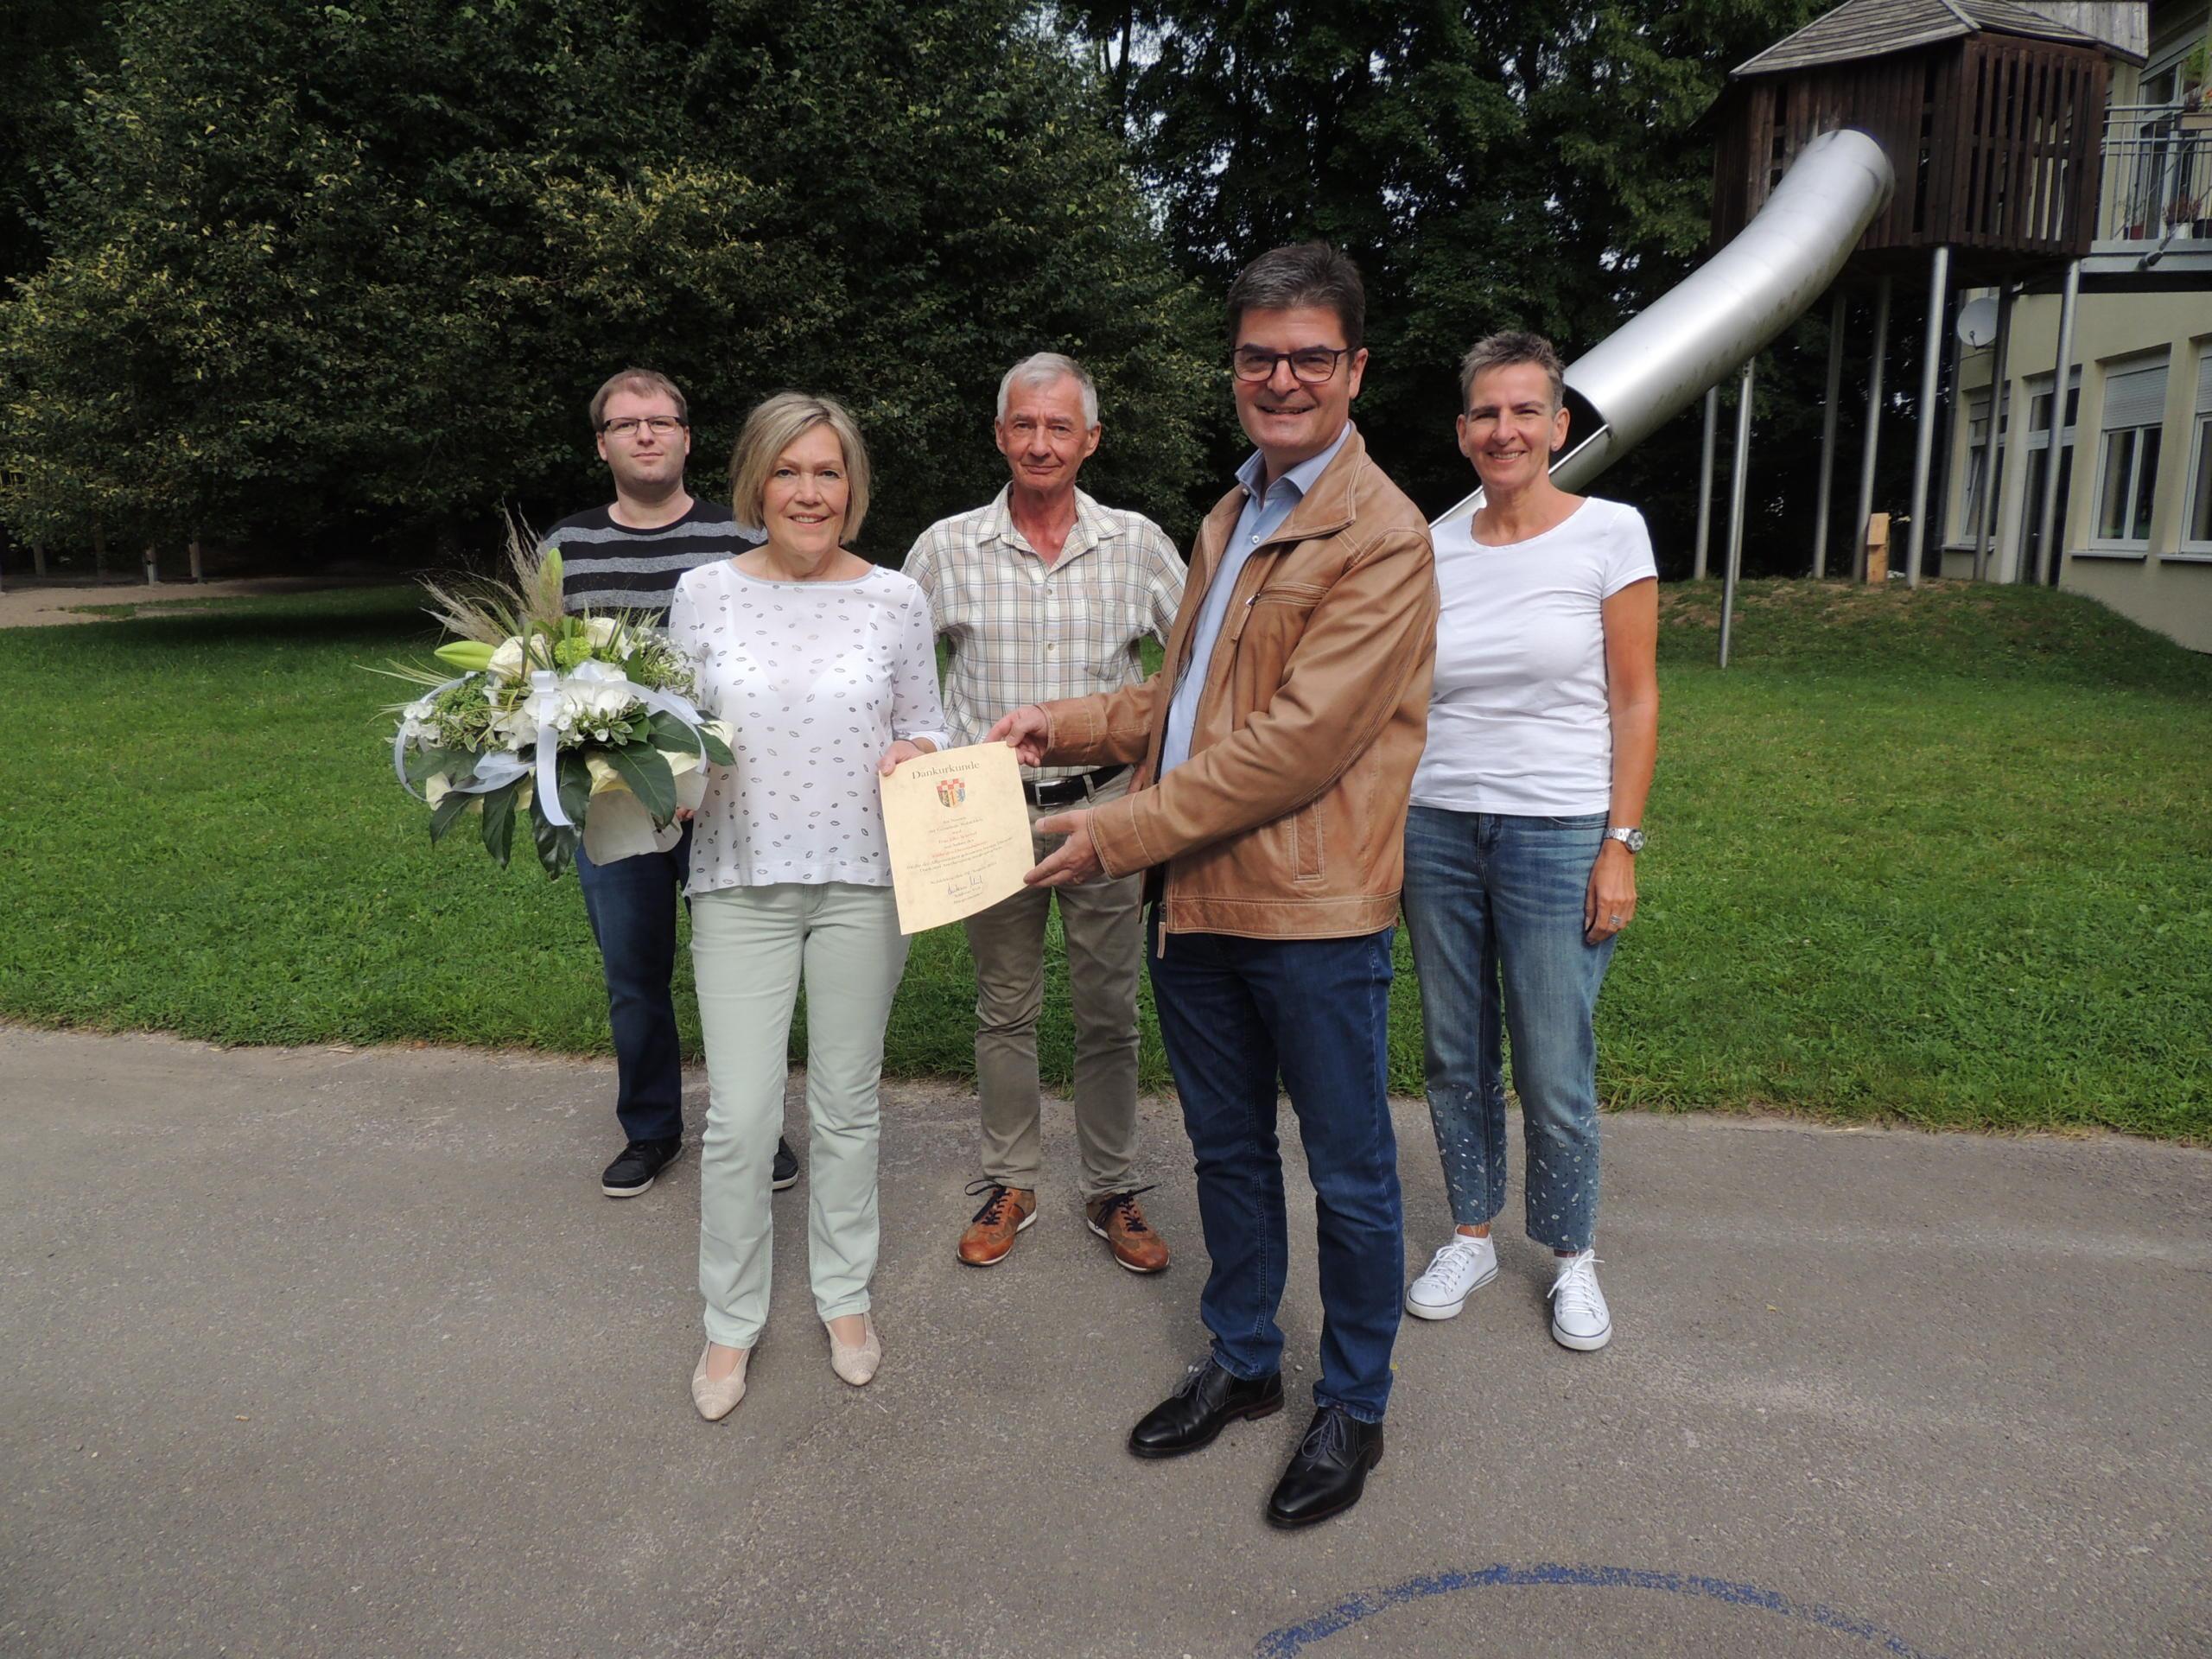 Foto: Gemeinde Nohfelden